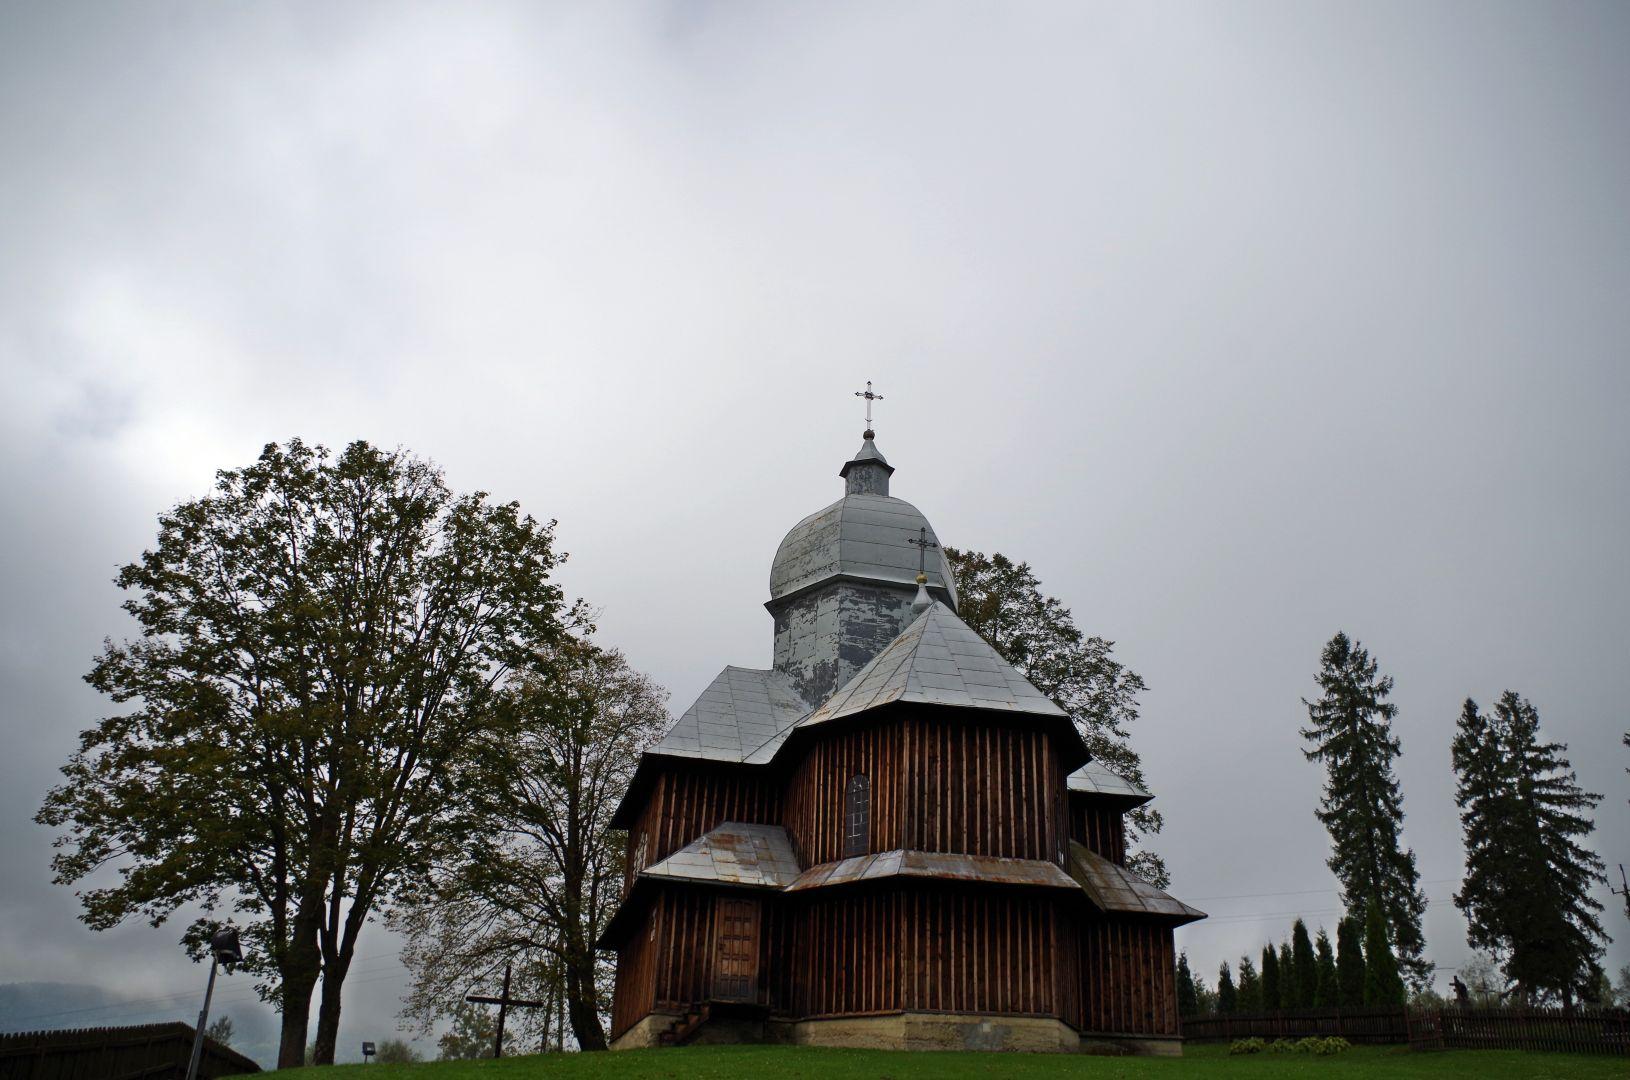 Cerkiew, widok z oddali